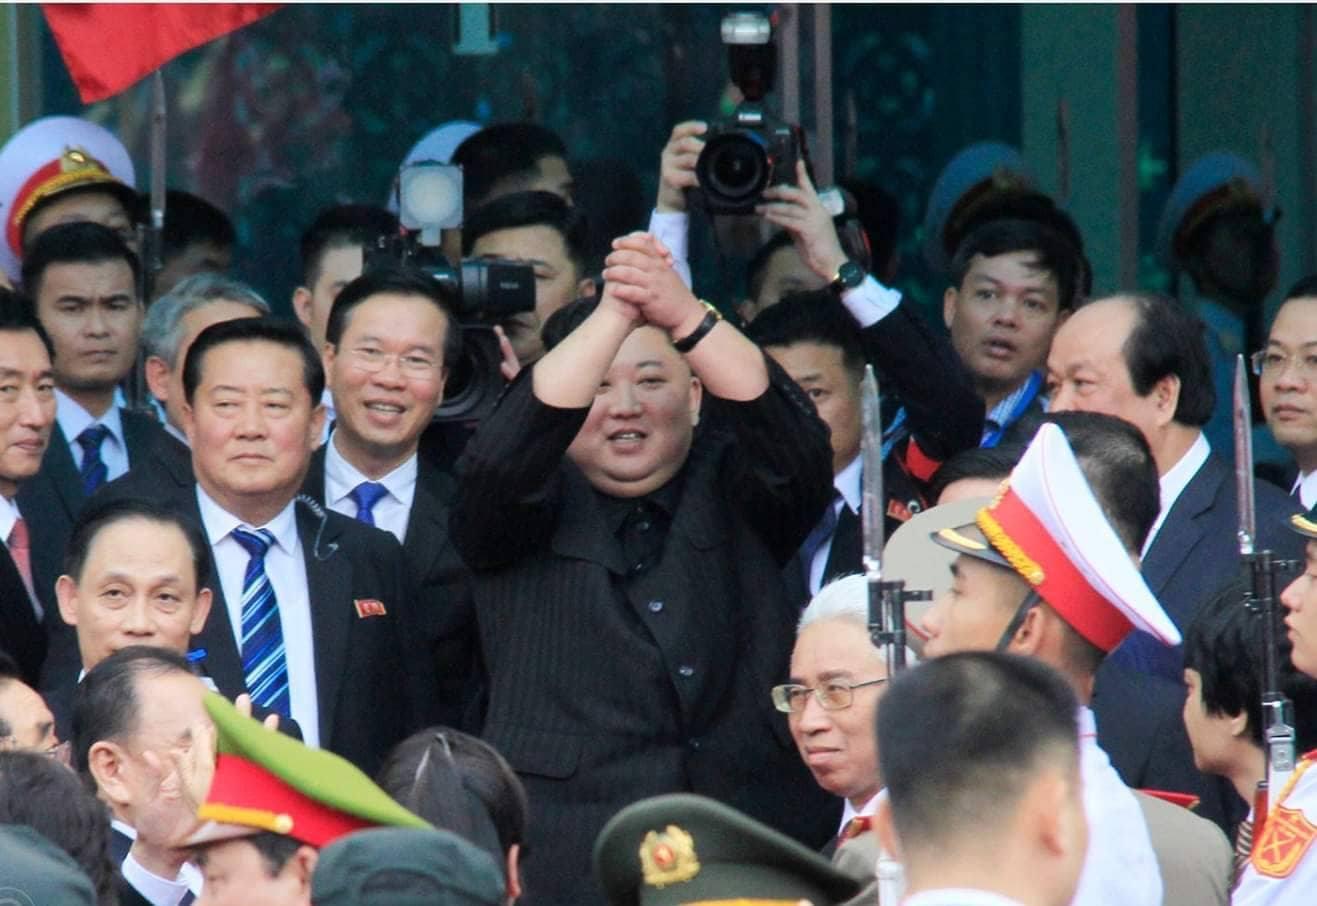 Kim Jong Un,Ga Đồng Đăng,Thượng Đỉnh Mỹ Triều,Hội Nghị Mỹ Triều,Hội Nghị Thượng Đỉnh Mỹ Triều,Chủ Tịch Triều Tiên